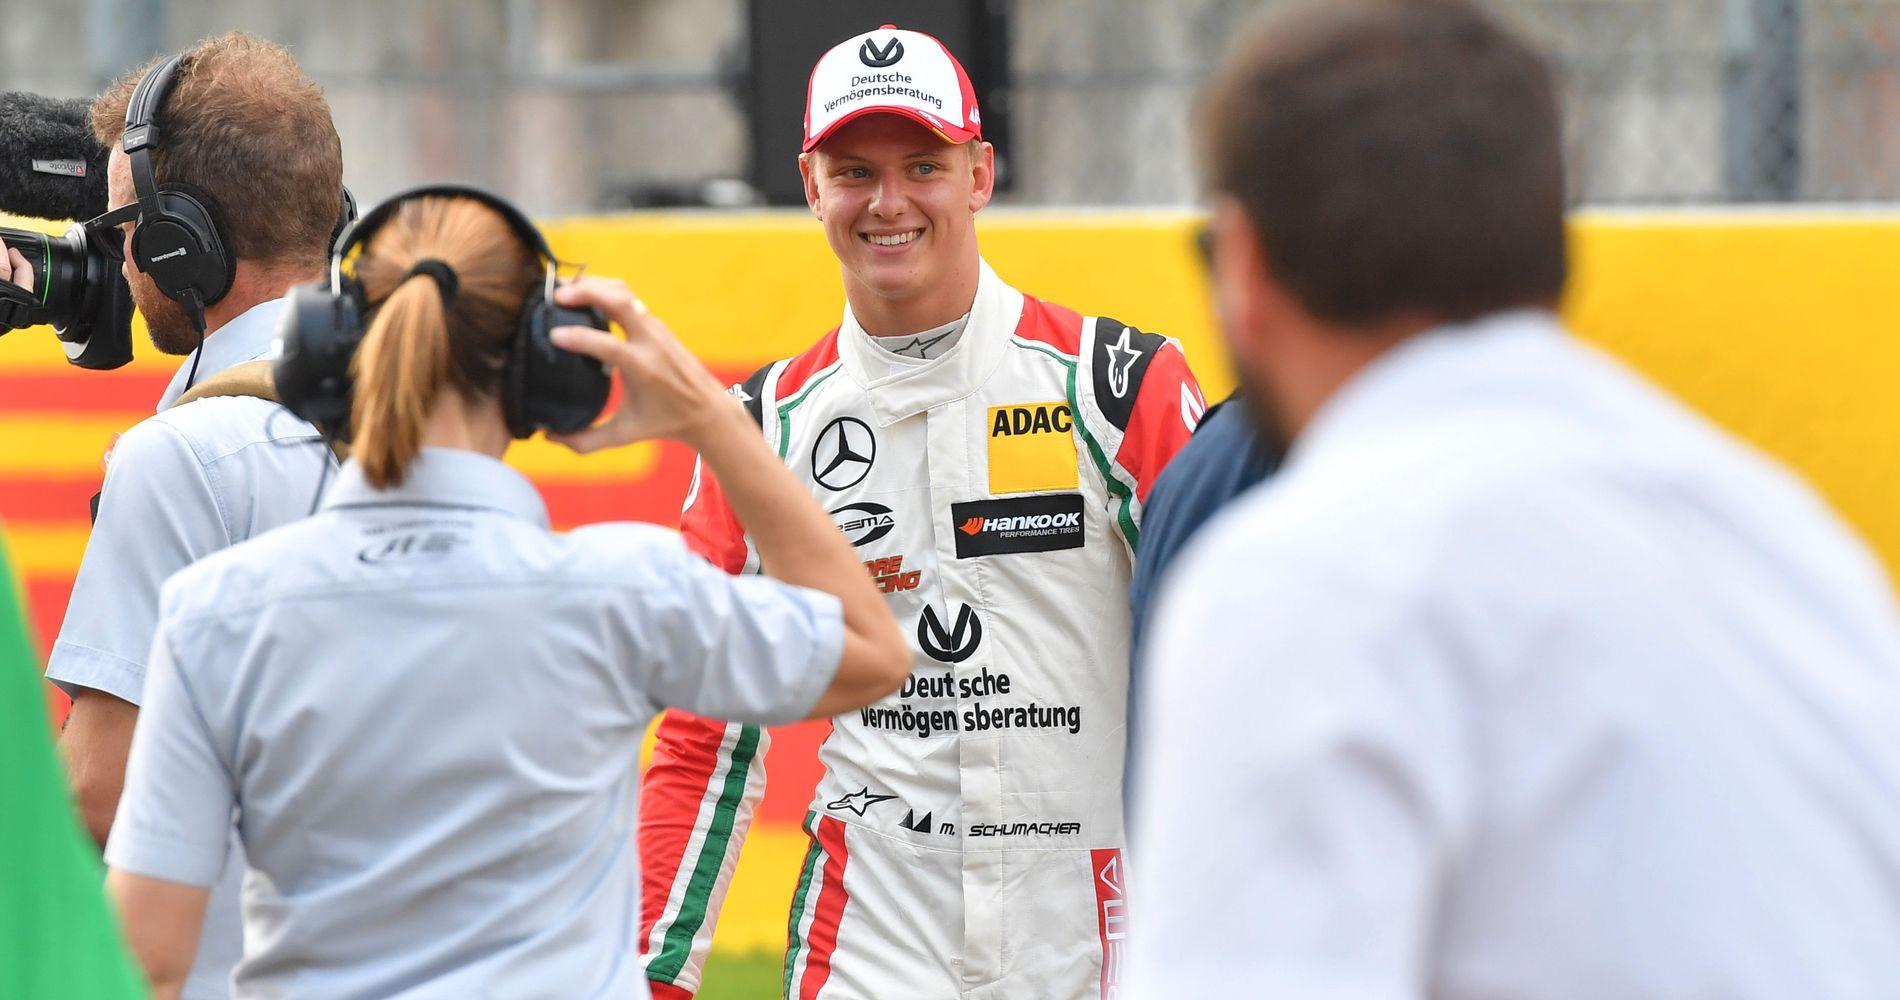 SUKSESS: Mick Schumacher har vunnet to løp i den europeiske Formel3-serien denne sesongen. Han ønsker å følge i farens fotspor.